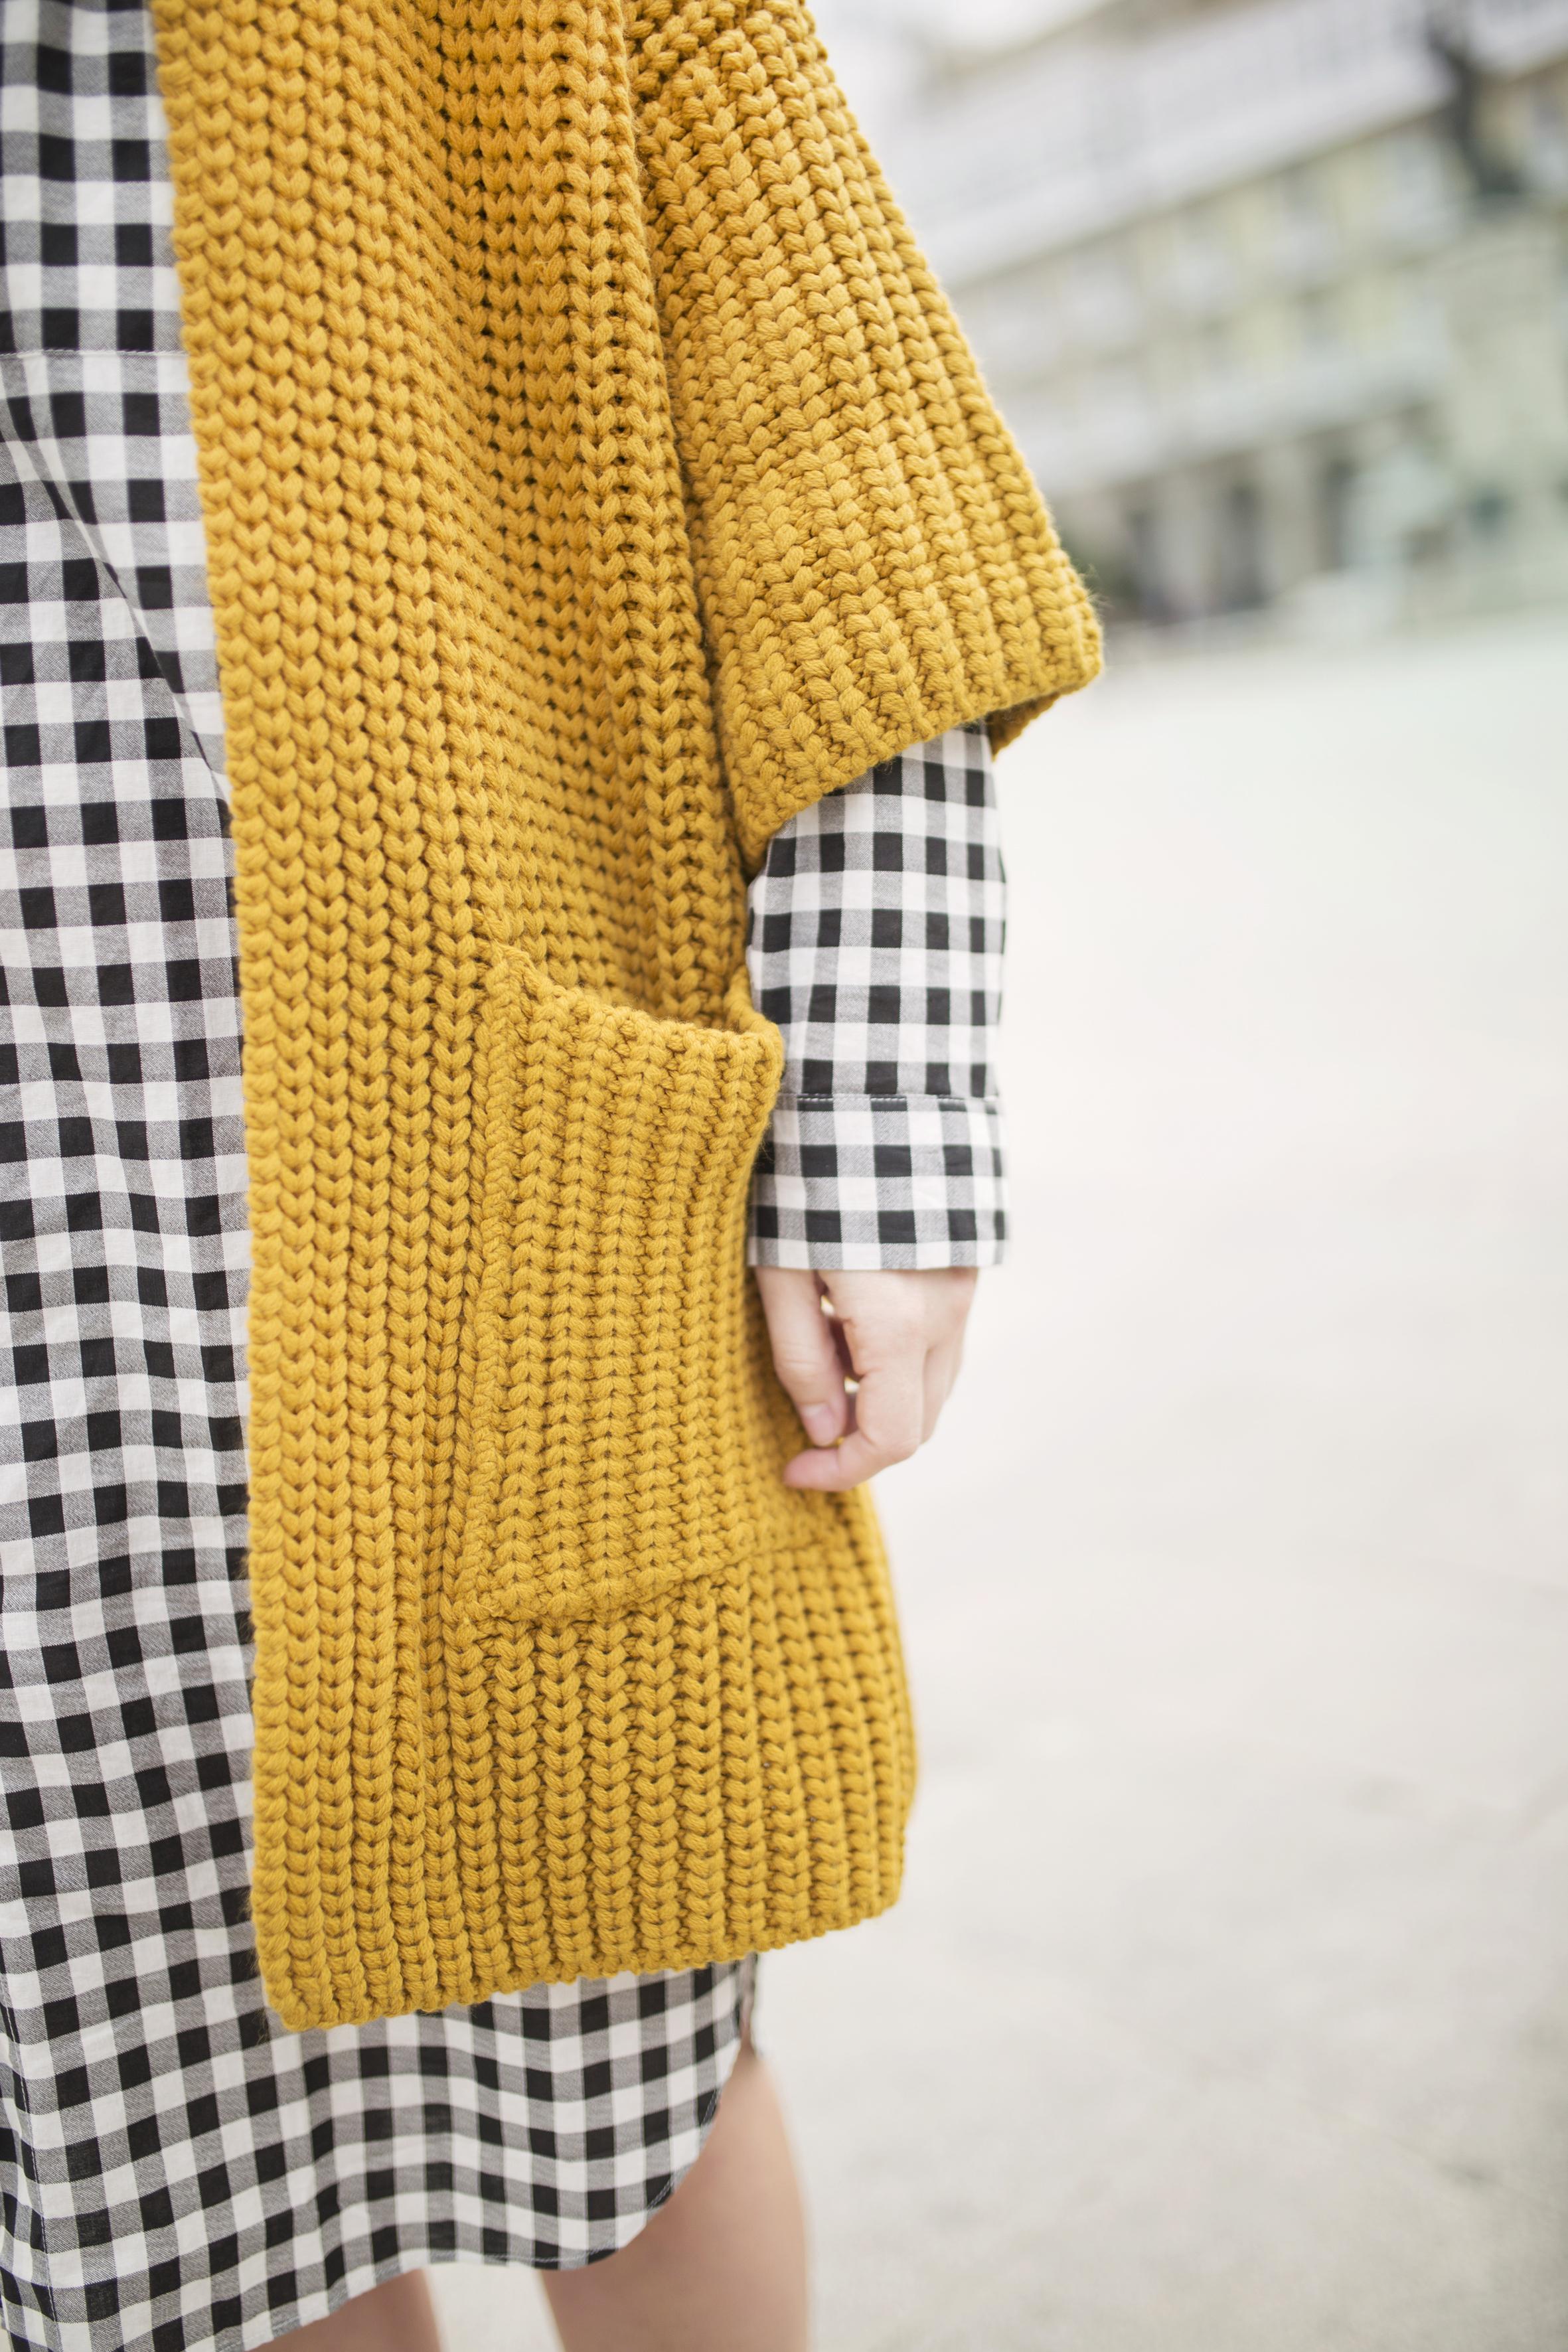 dress shirt- cuadros- mostaza-Mango- vestido camisero- cuadros- lifestyle- coruña- streetstyle- blogger -descalzaporelparque